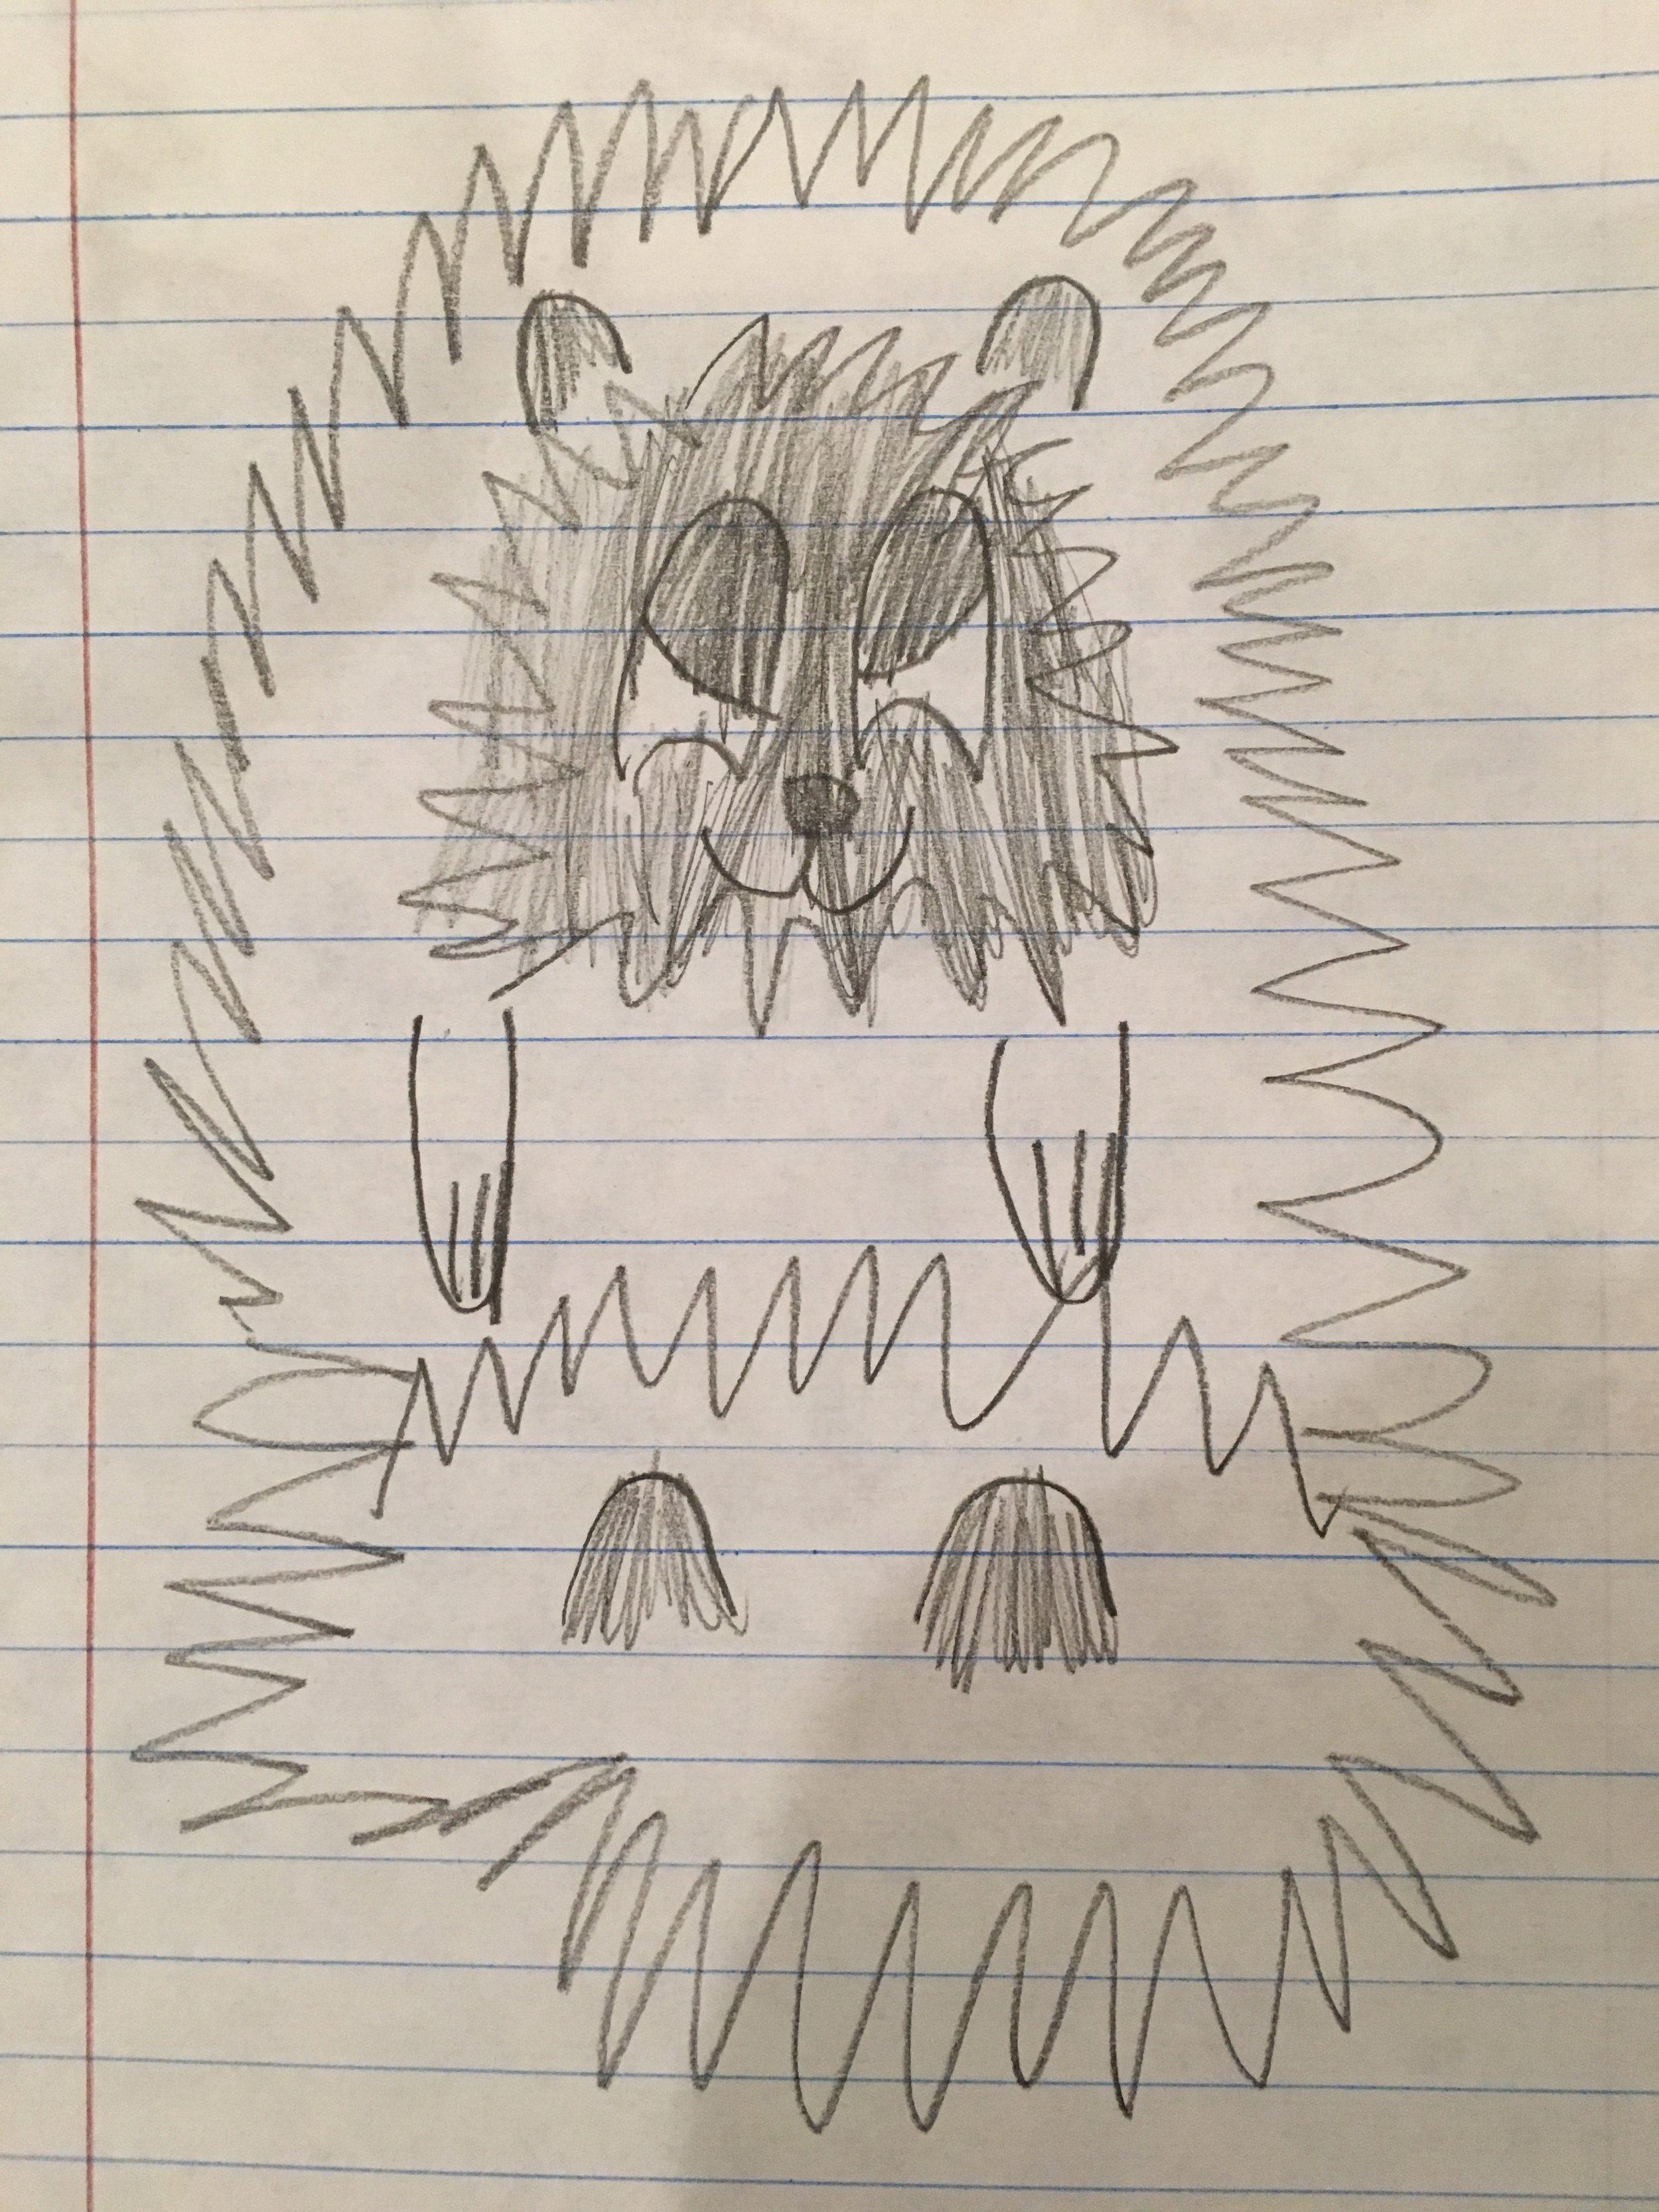 Hedgehog doodle by Ellie